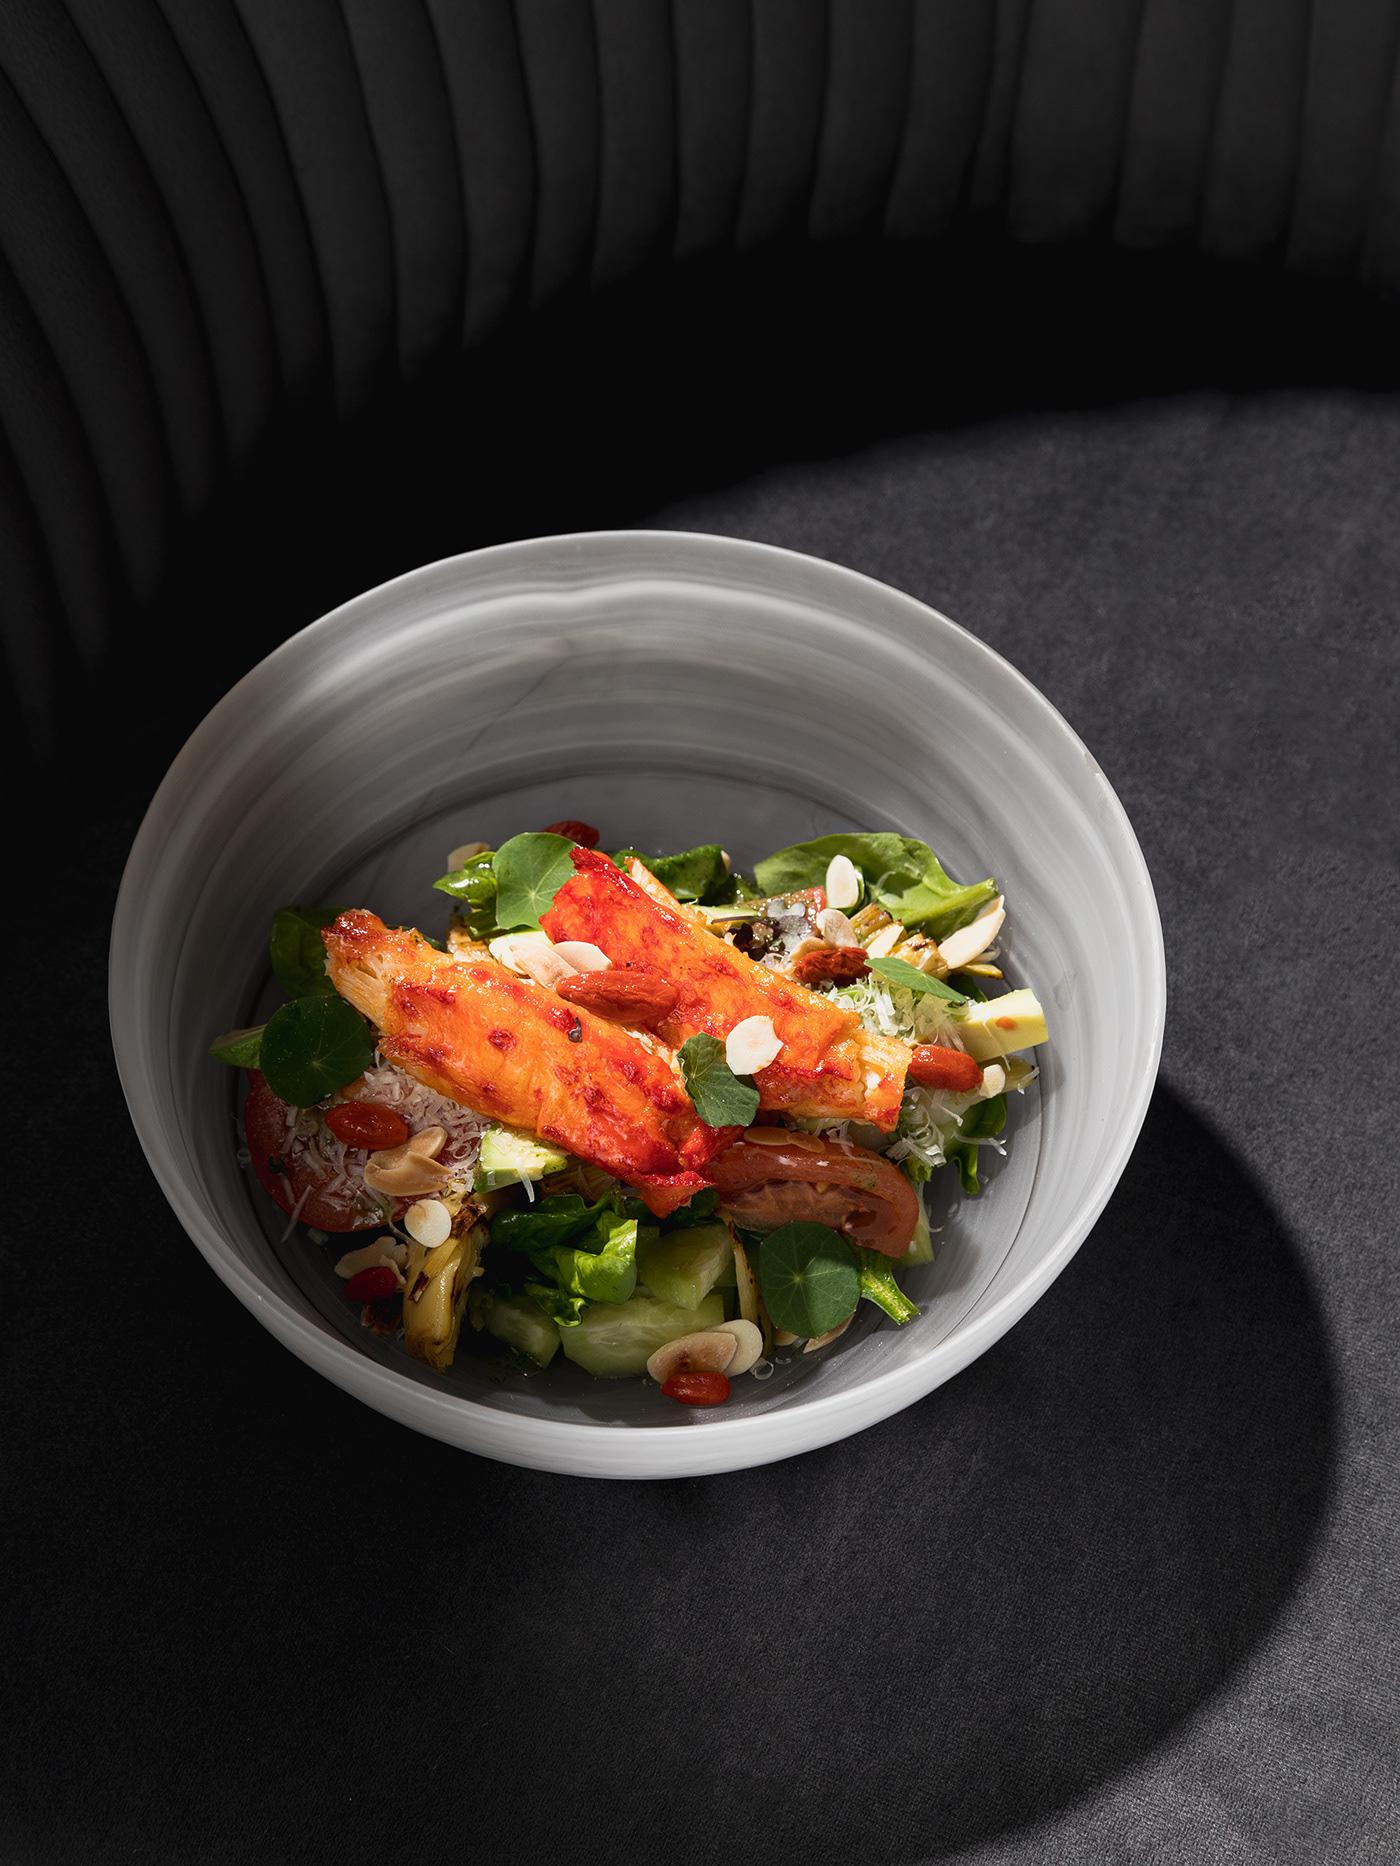 Image may contain: food, salad and dish